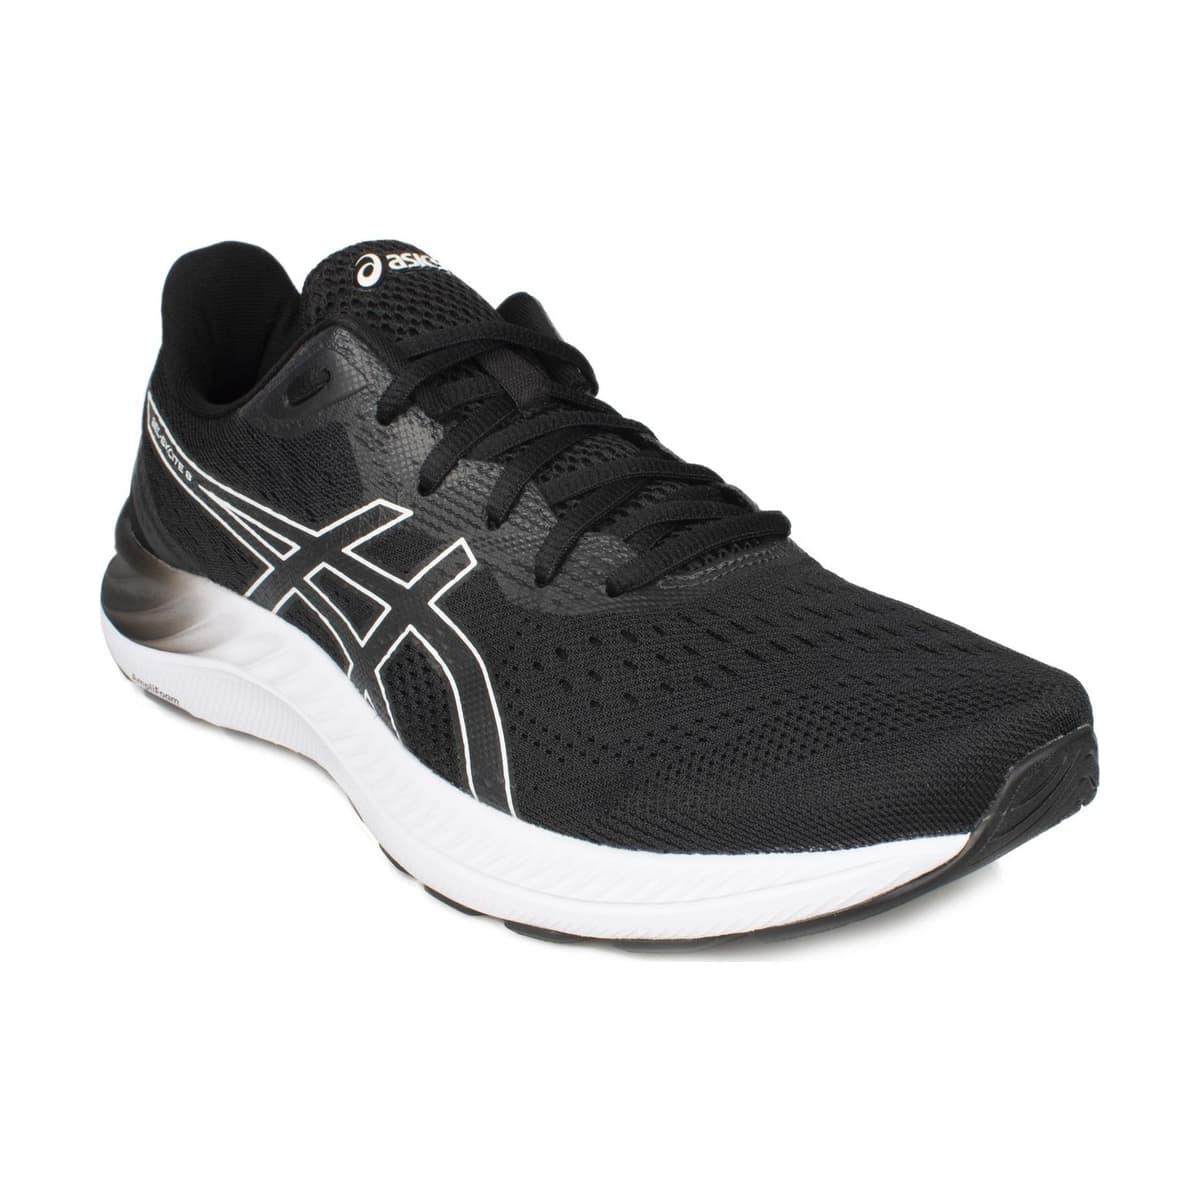 Gel-Excite 8 Erkek Siyah Koşu Ayakkabısı (1011B036-002)